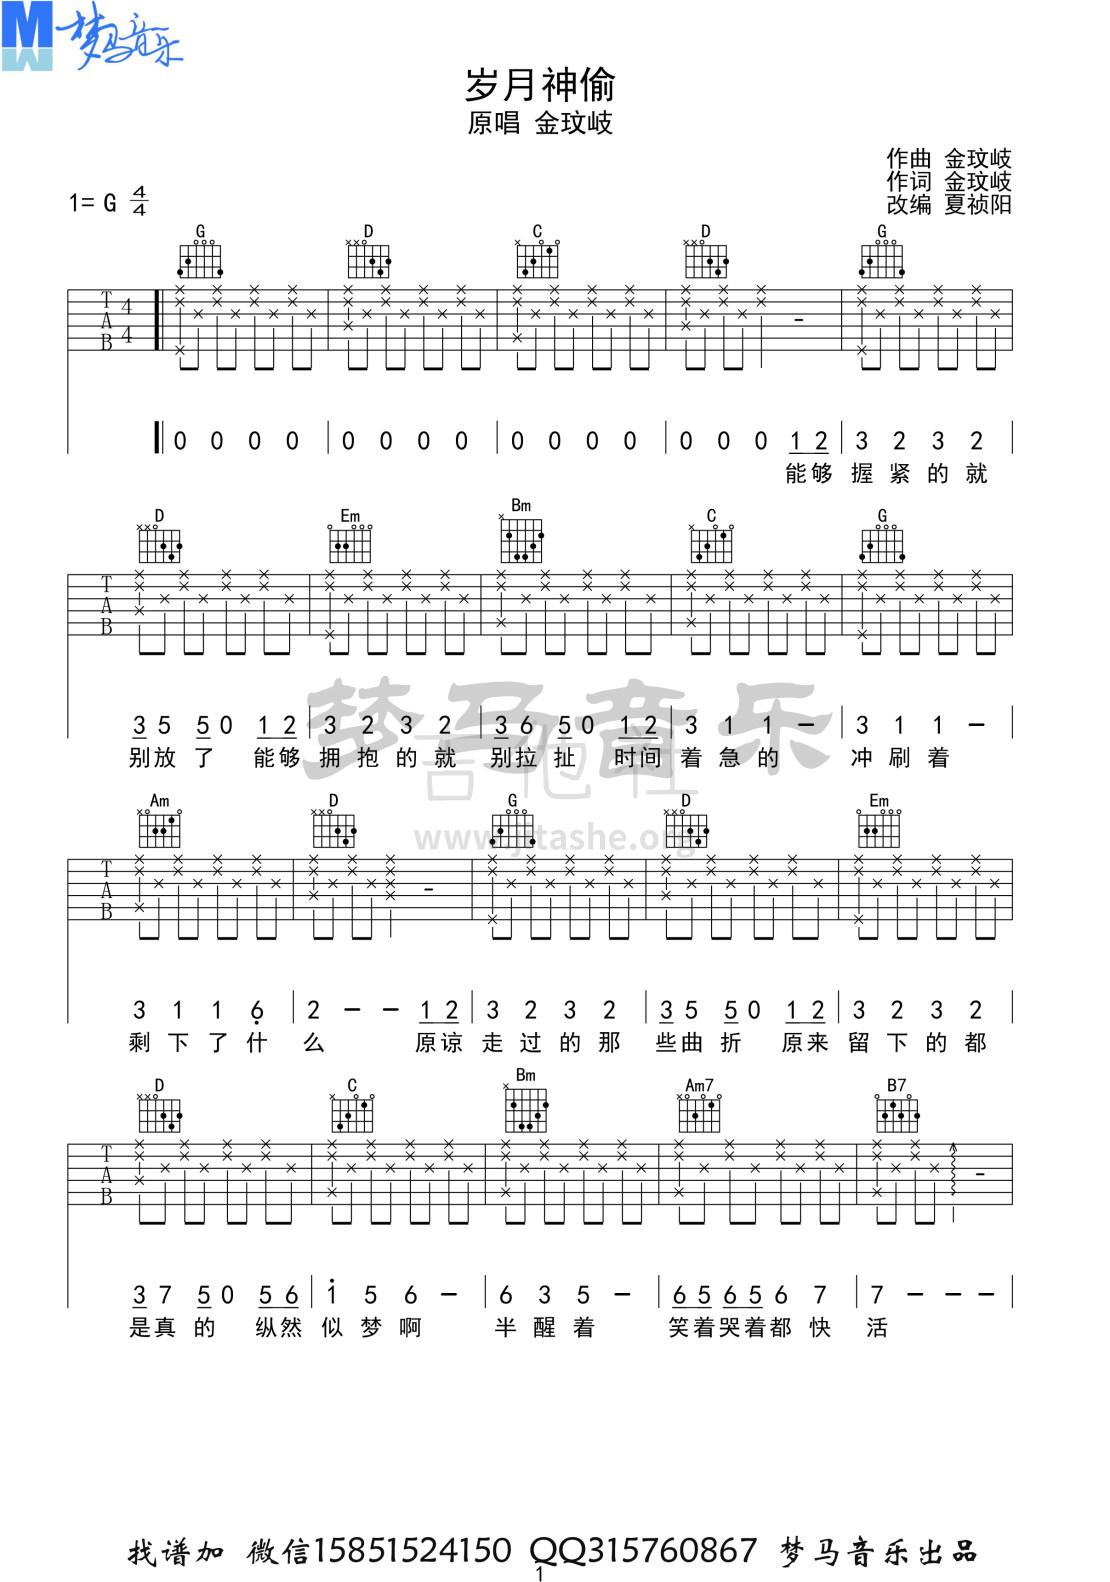 岁月神偷吉他谱(图片谱,弹唱)_金玟岐_岁月神偷-1.jpg